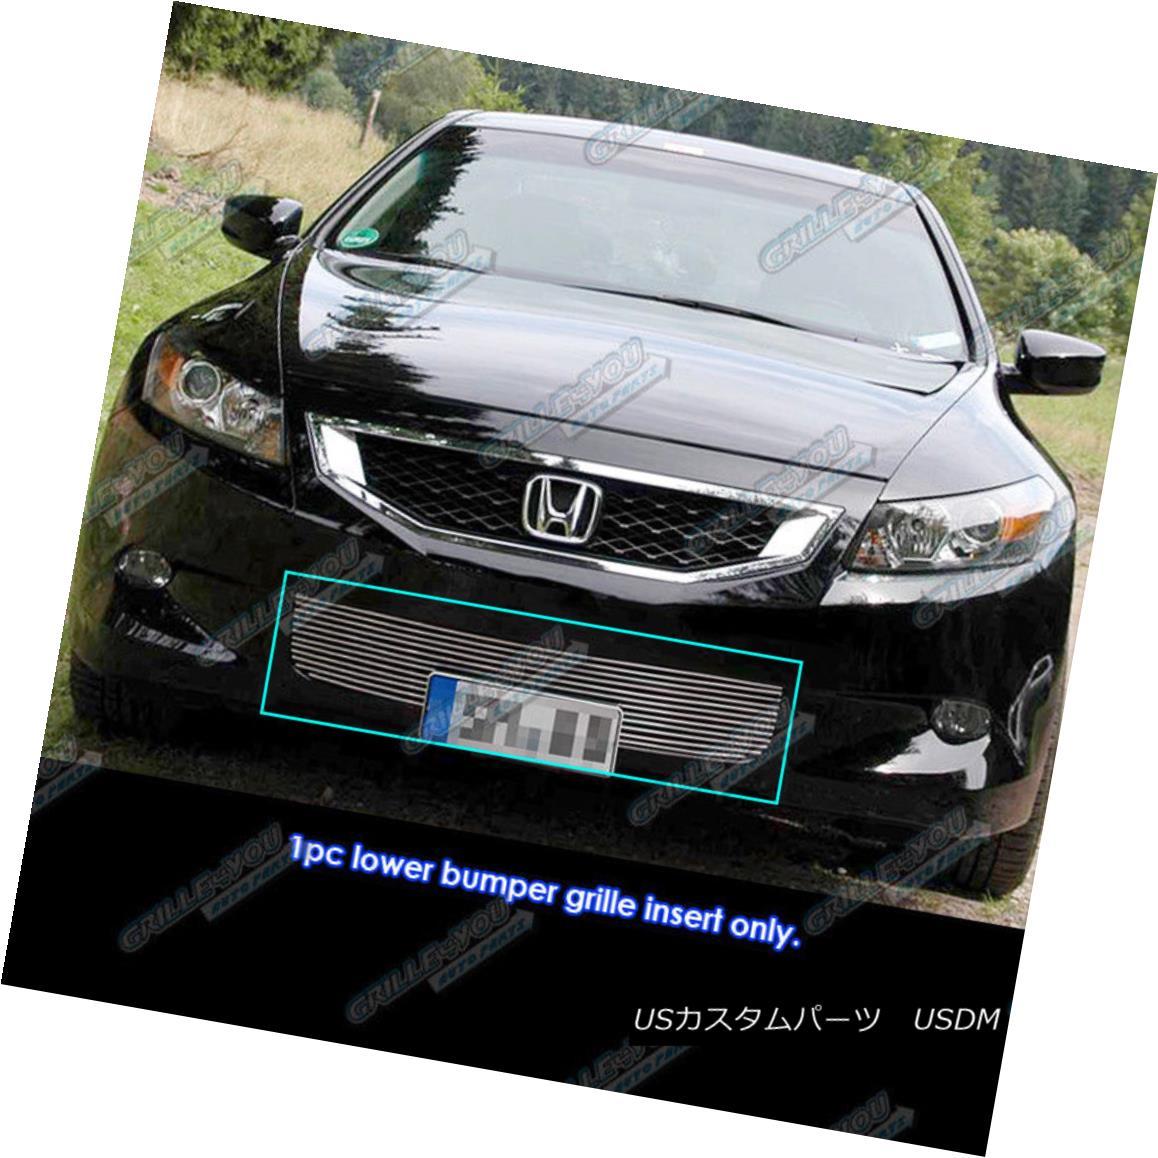 グリル Fits 08-10 Honda Accord Coupe Lower Bumper Billet Grille Insert フィット08-10ホンダアコードクーペロワーバンパービレットグリルインサート